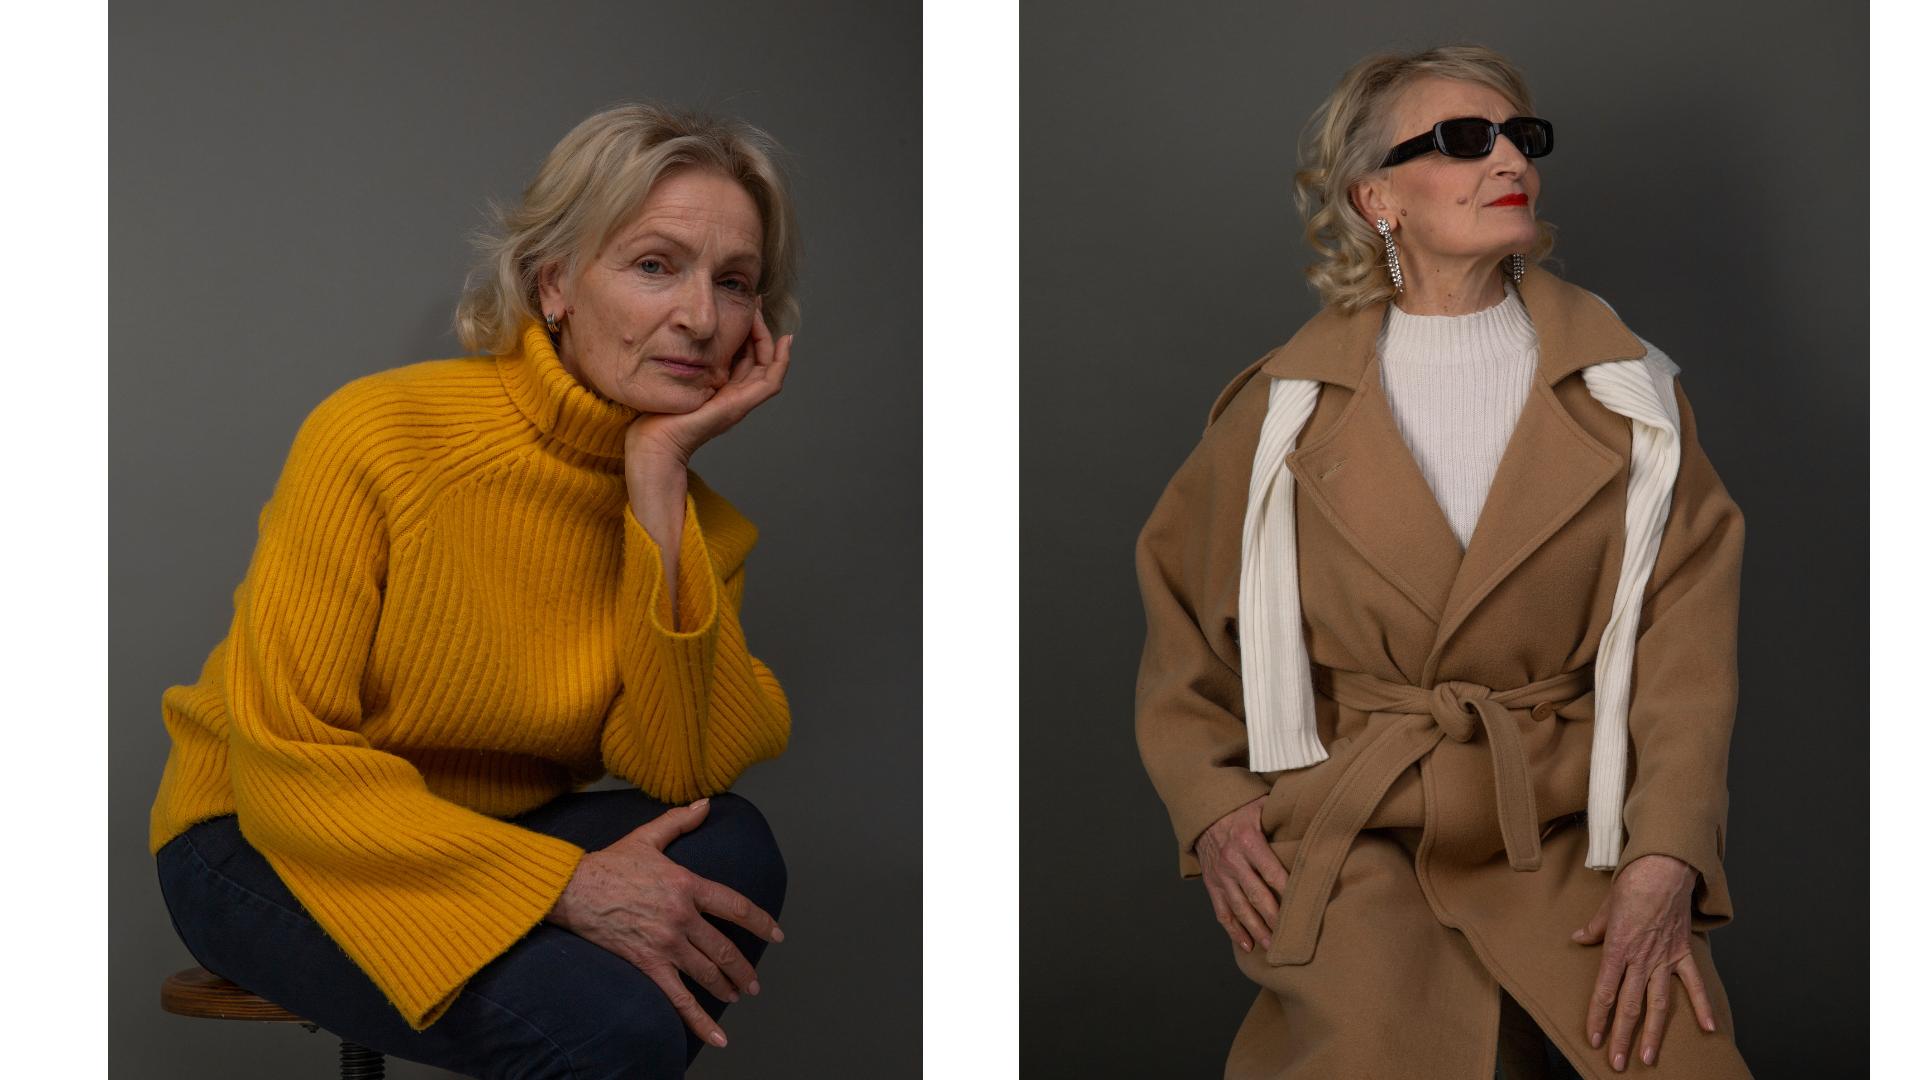 Культурний код: інтерв'ю з людьми поважного віку, які ламають суспільні стереотипи-Фото 5